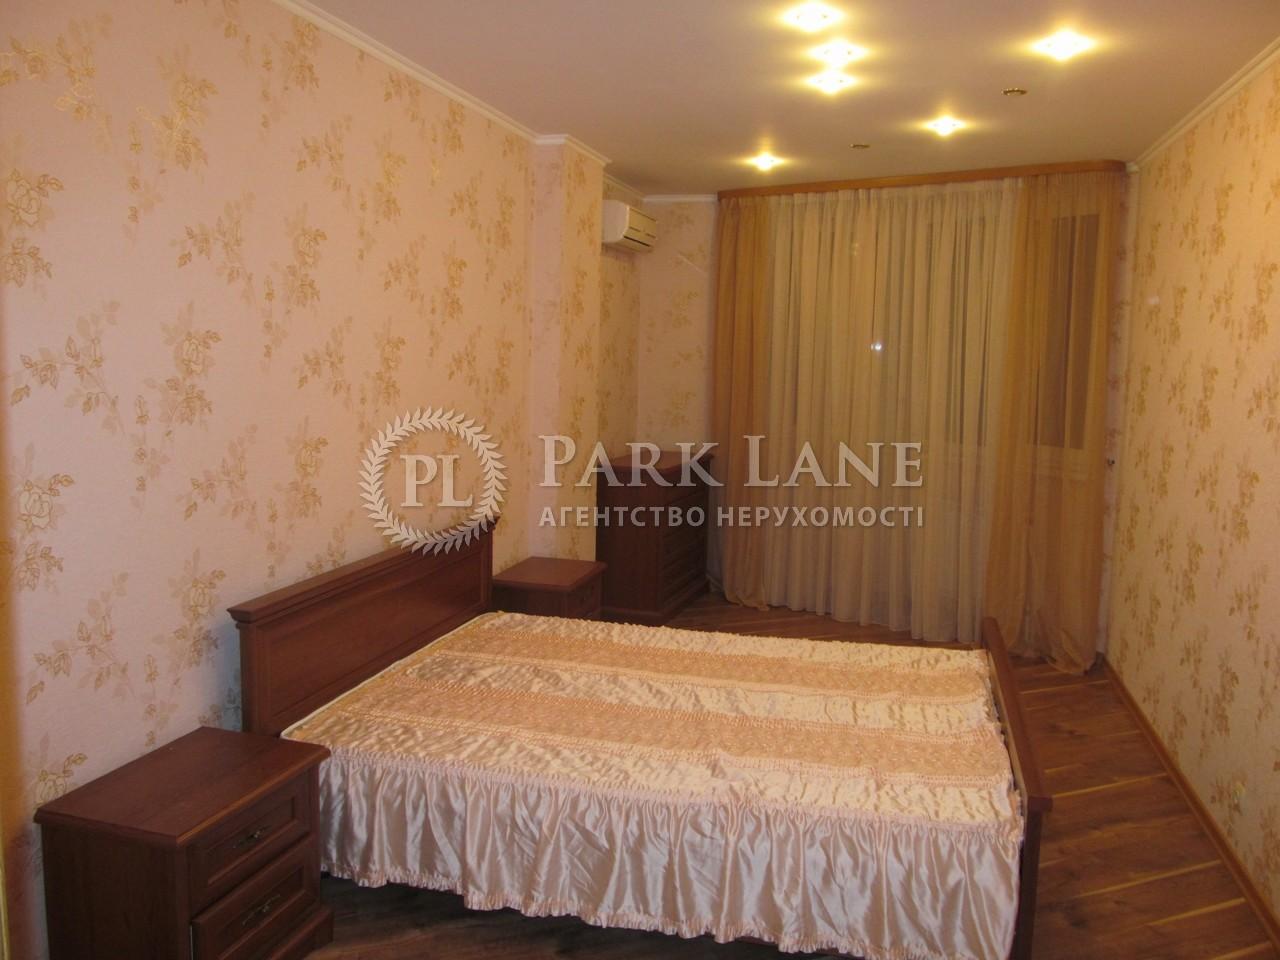 Квартира вул. Гетьмана Вадима (Індустріальна), 1а, Київ, K-11993 - Фото 5